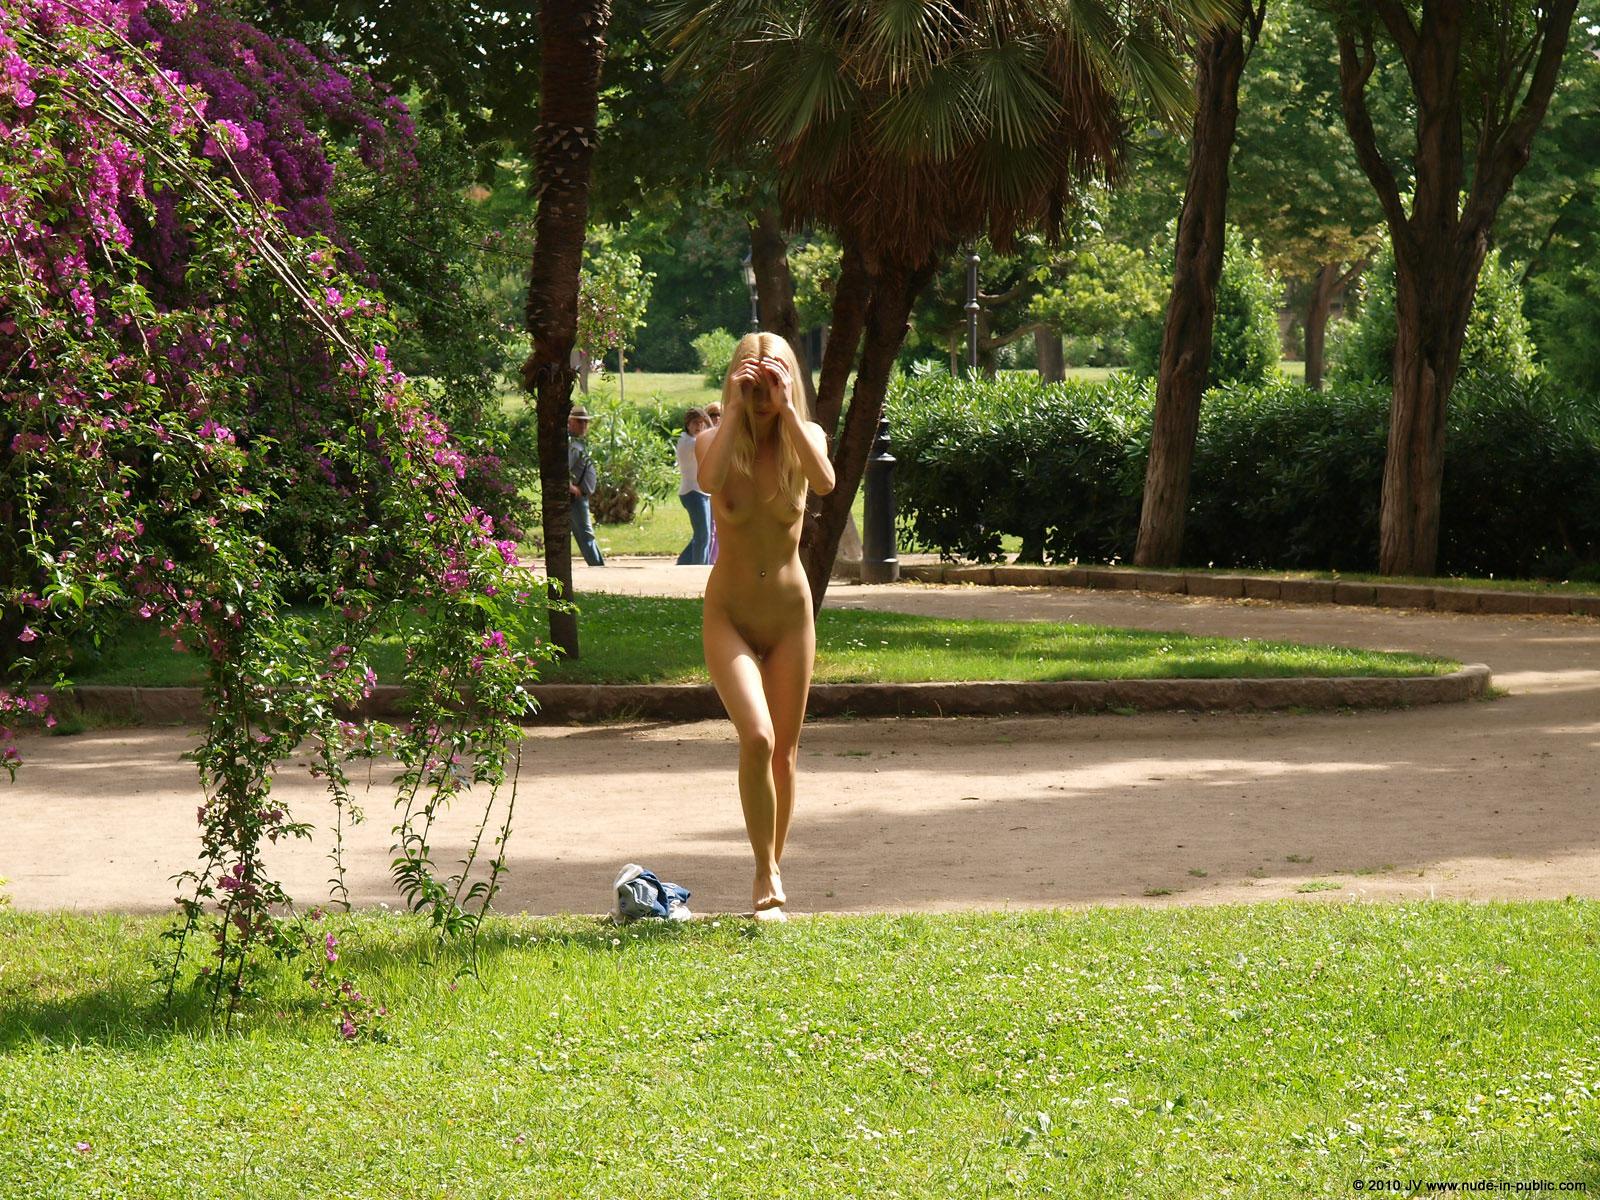 judita-blonde-naked-in-park-barcelona-public-10